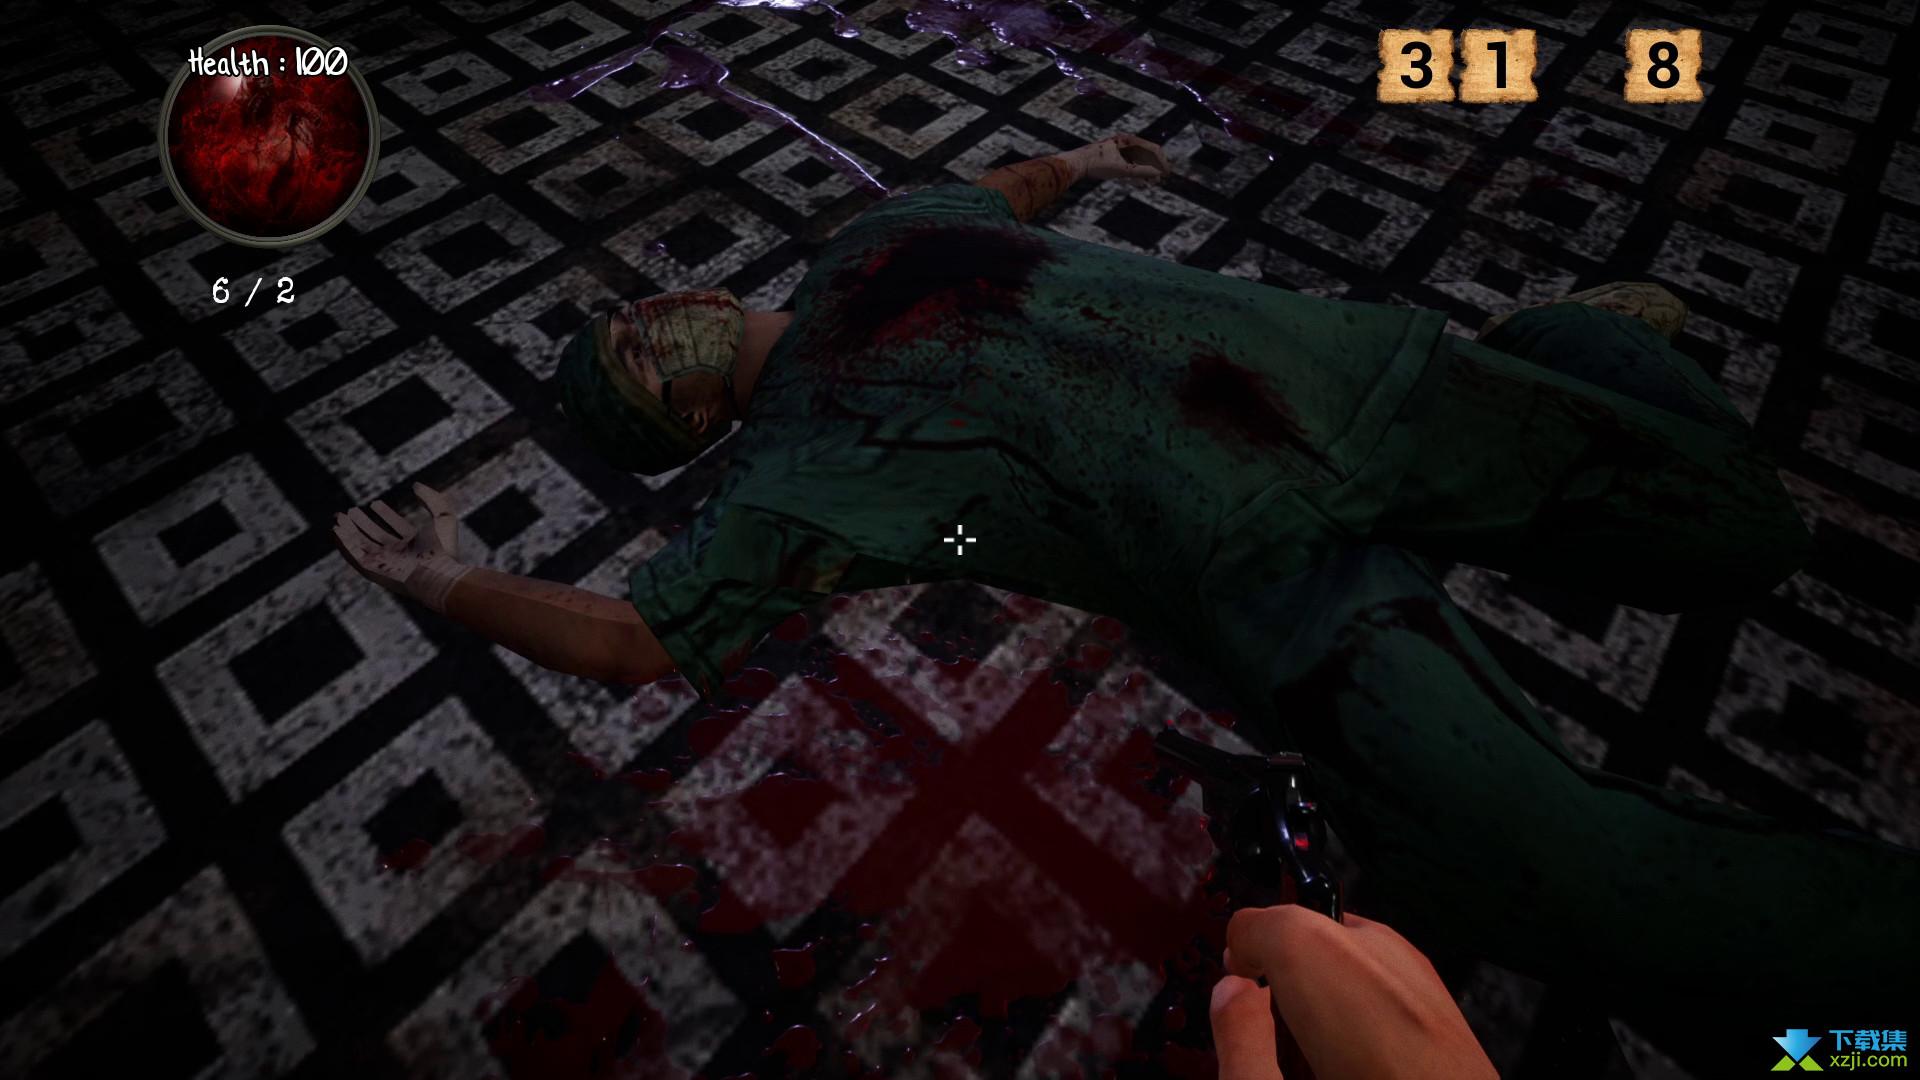 恐怖医院游戏界面1